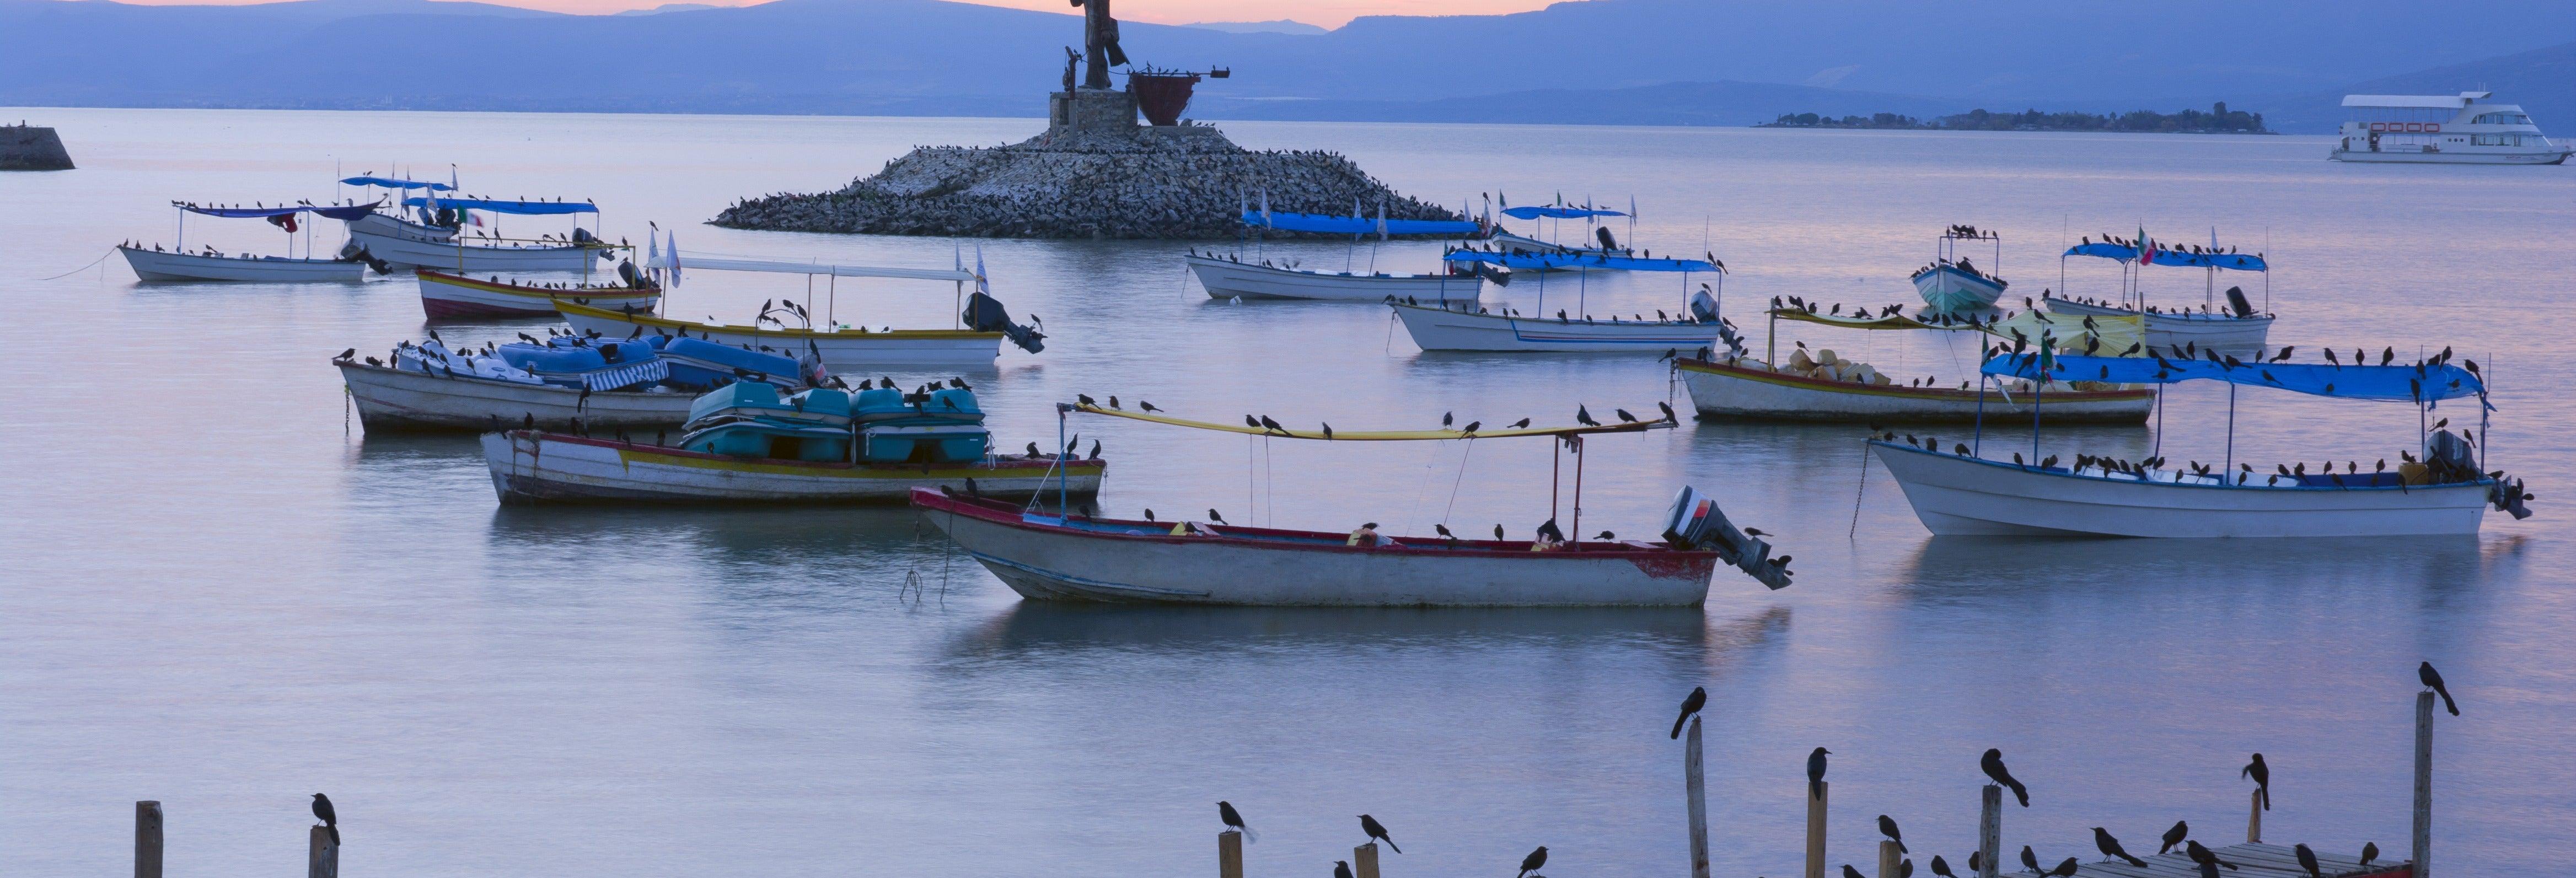 Excursión a Ajijic y el lago de Chapala